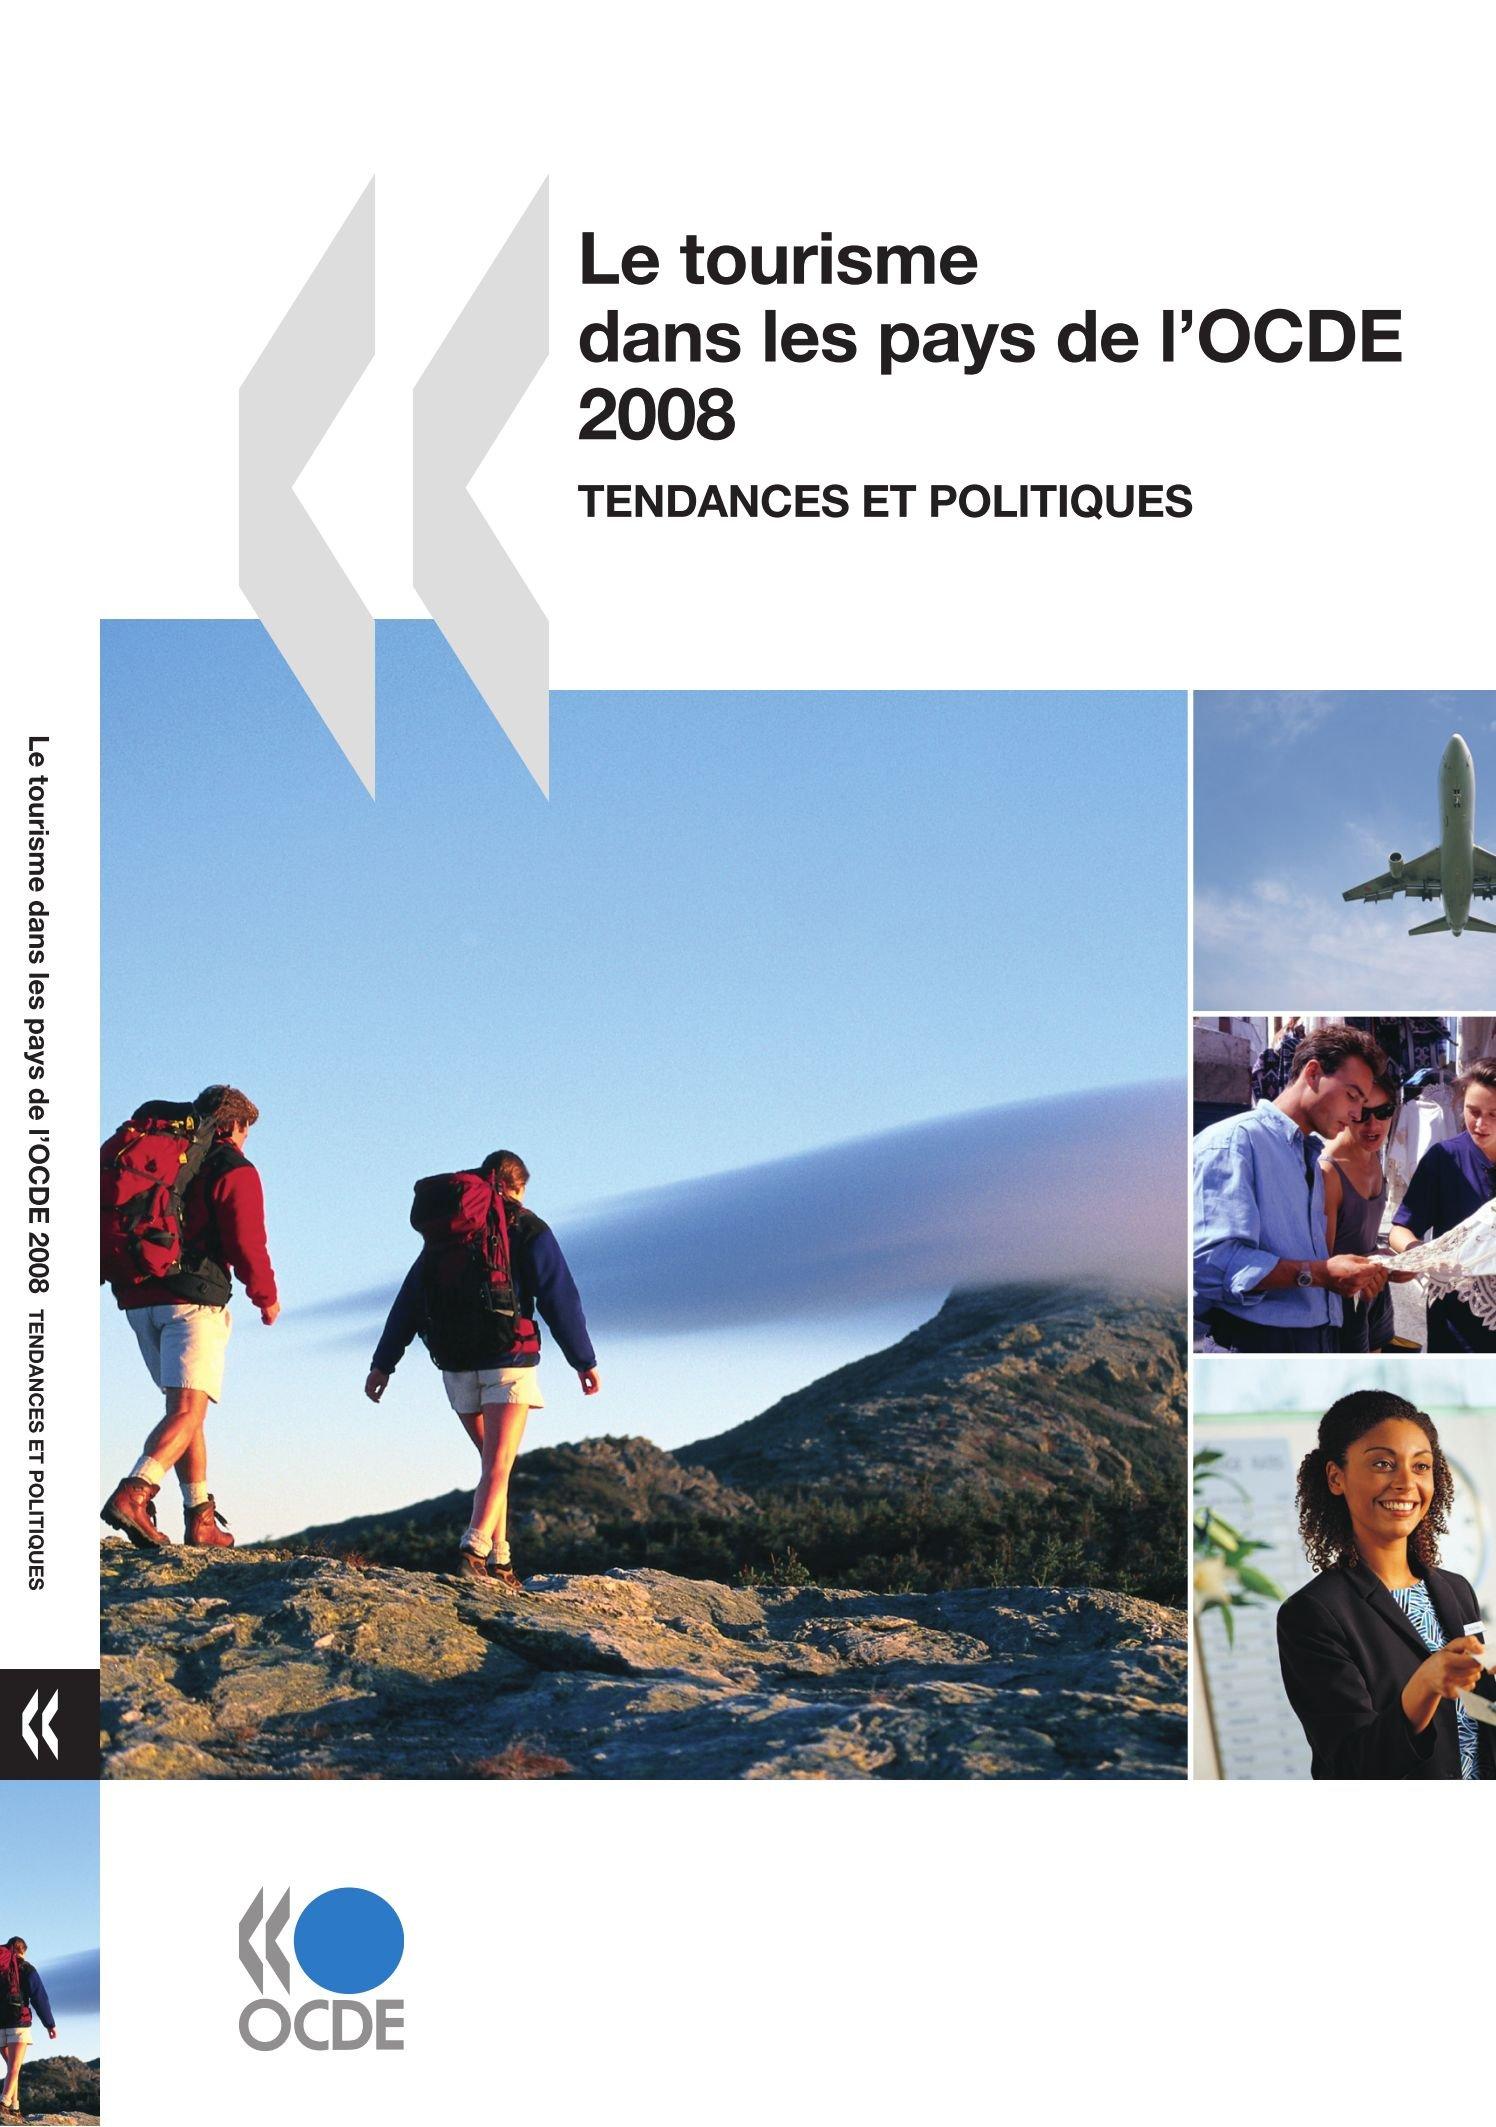 Le tourisme dans les pays de l'OCDE 2008 : Tendances et politiques (French Edition) pdf